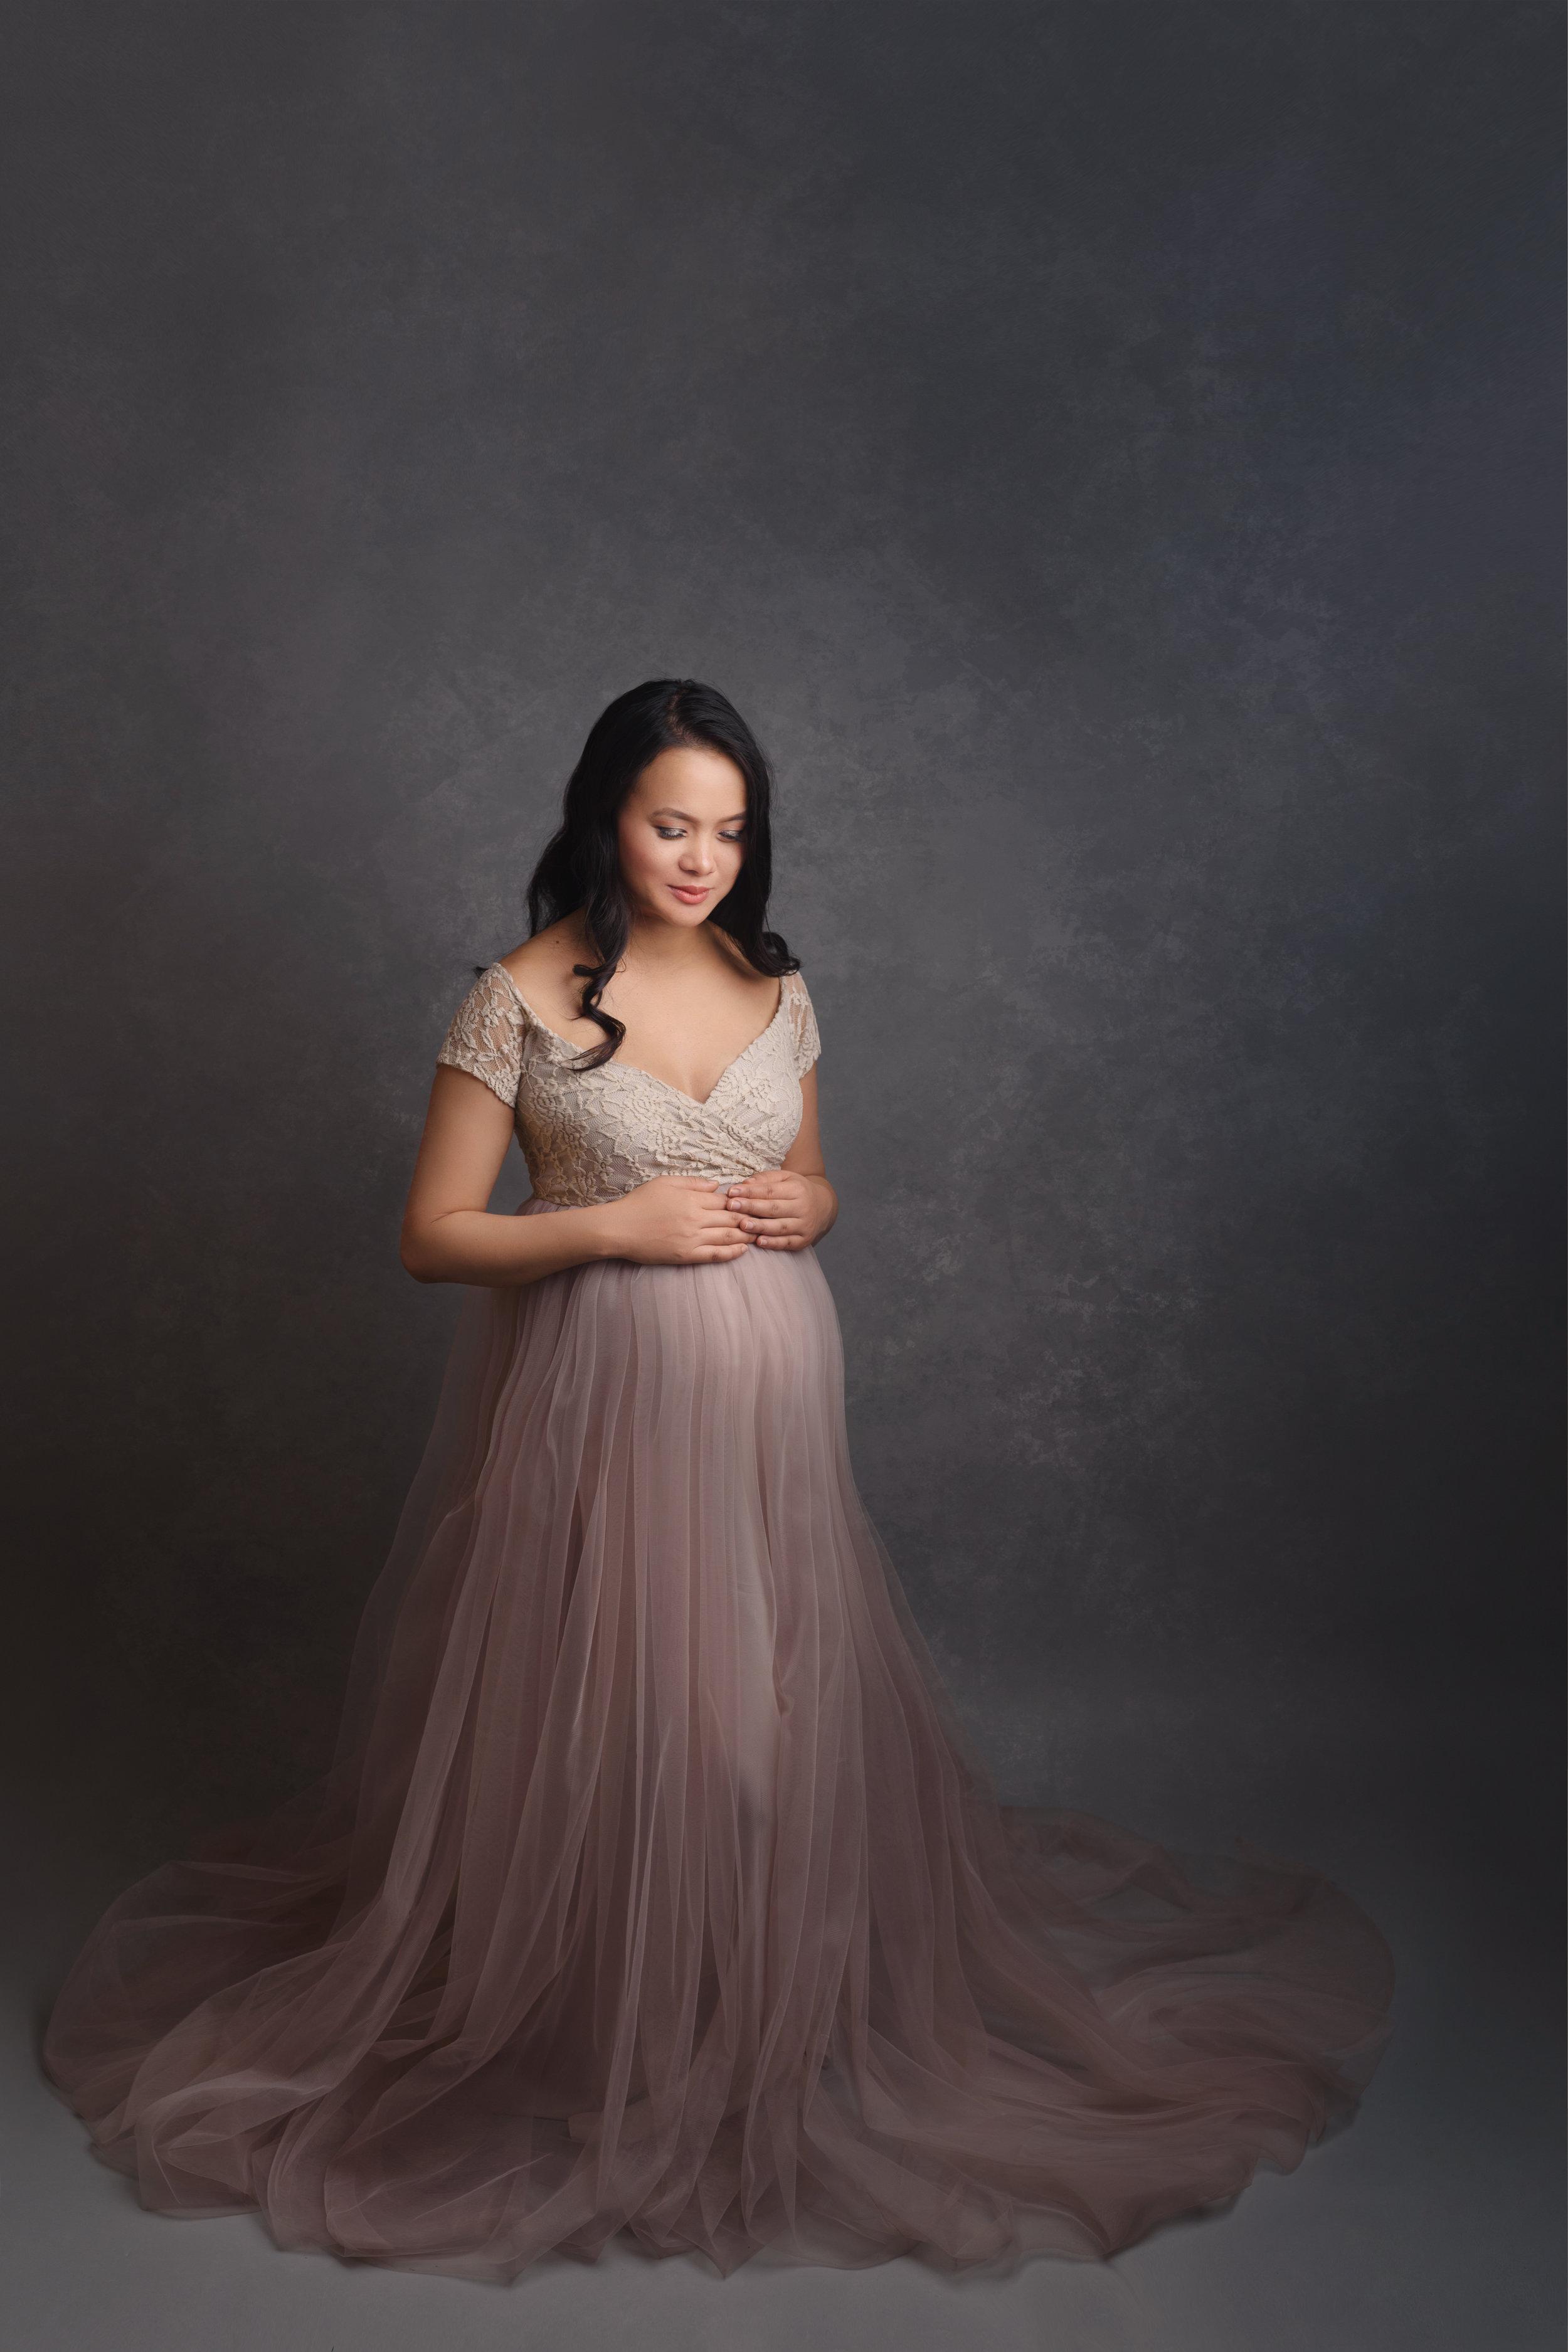 Maternity Photographer based in Dorset